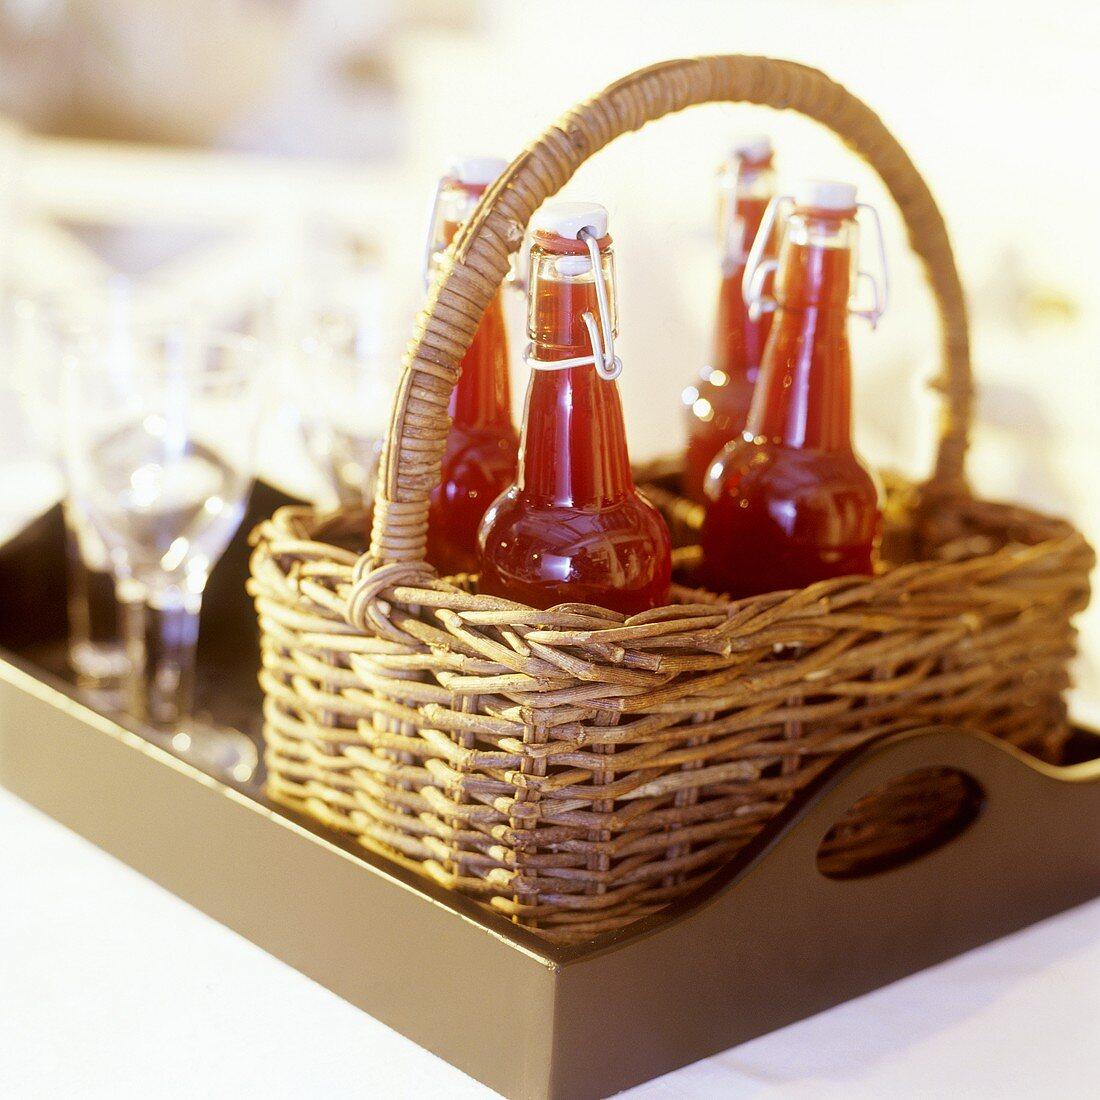 Cranberry juice in swing top bottles